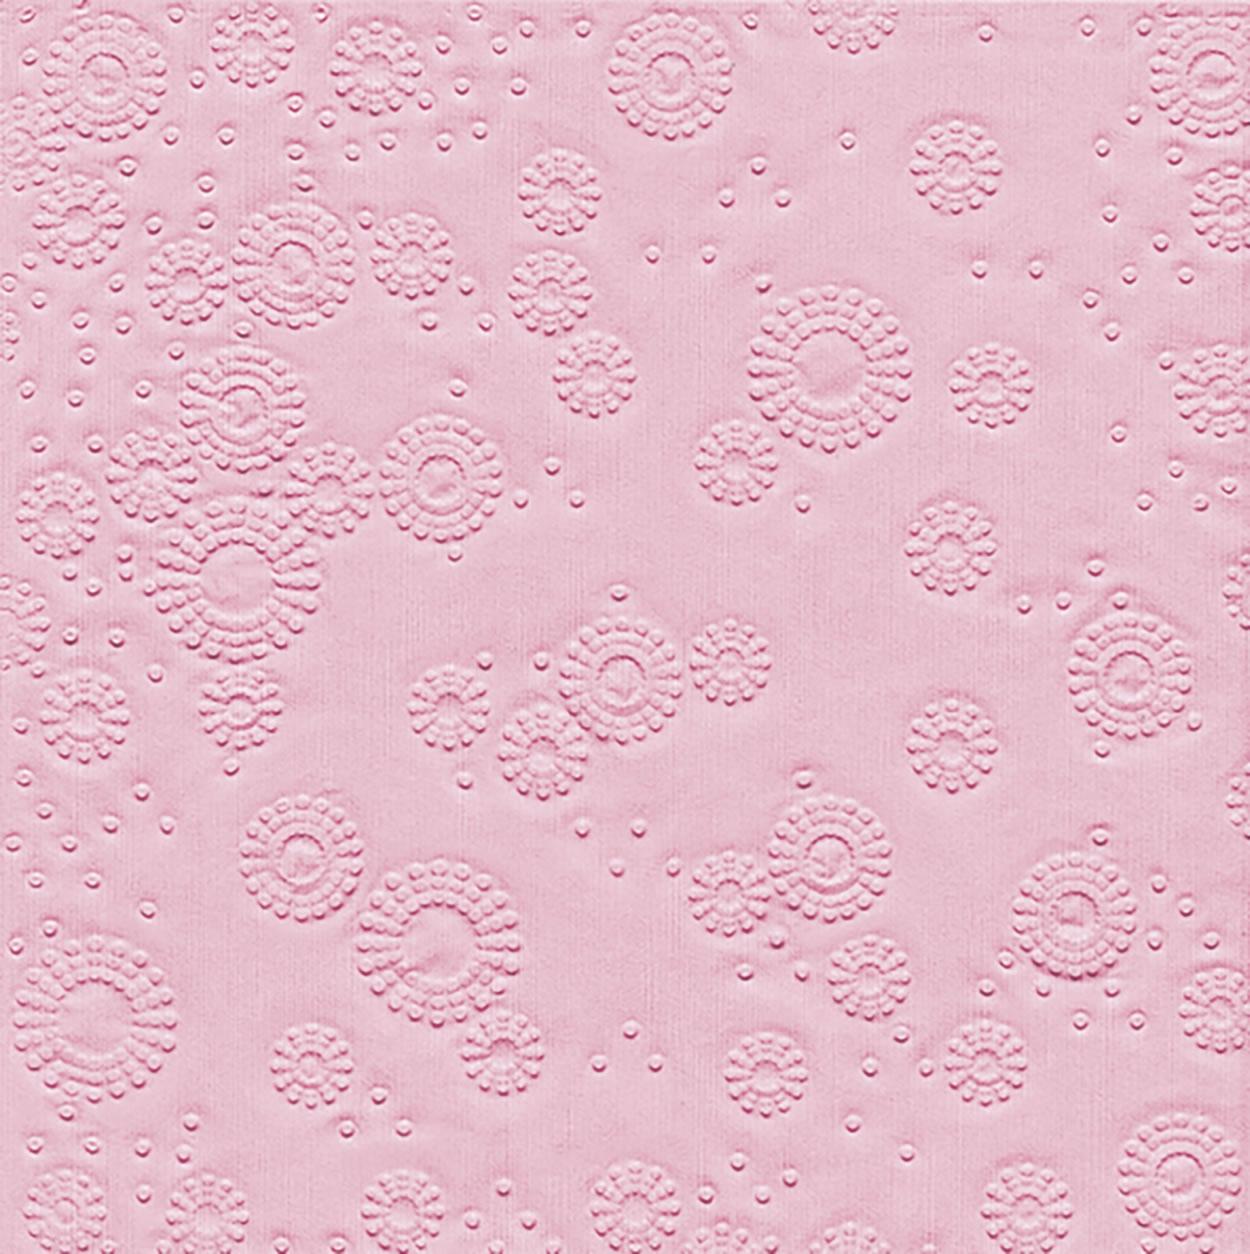 Lunch Servietten Moments Uni rosé - geprägt,   geprägte Servietten,   geprägte Servietten,  Everyday,  lunchservietten